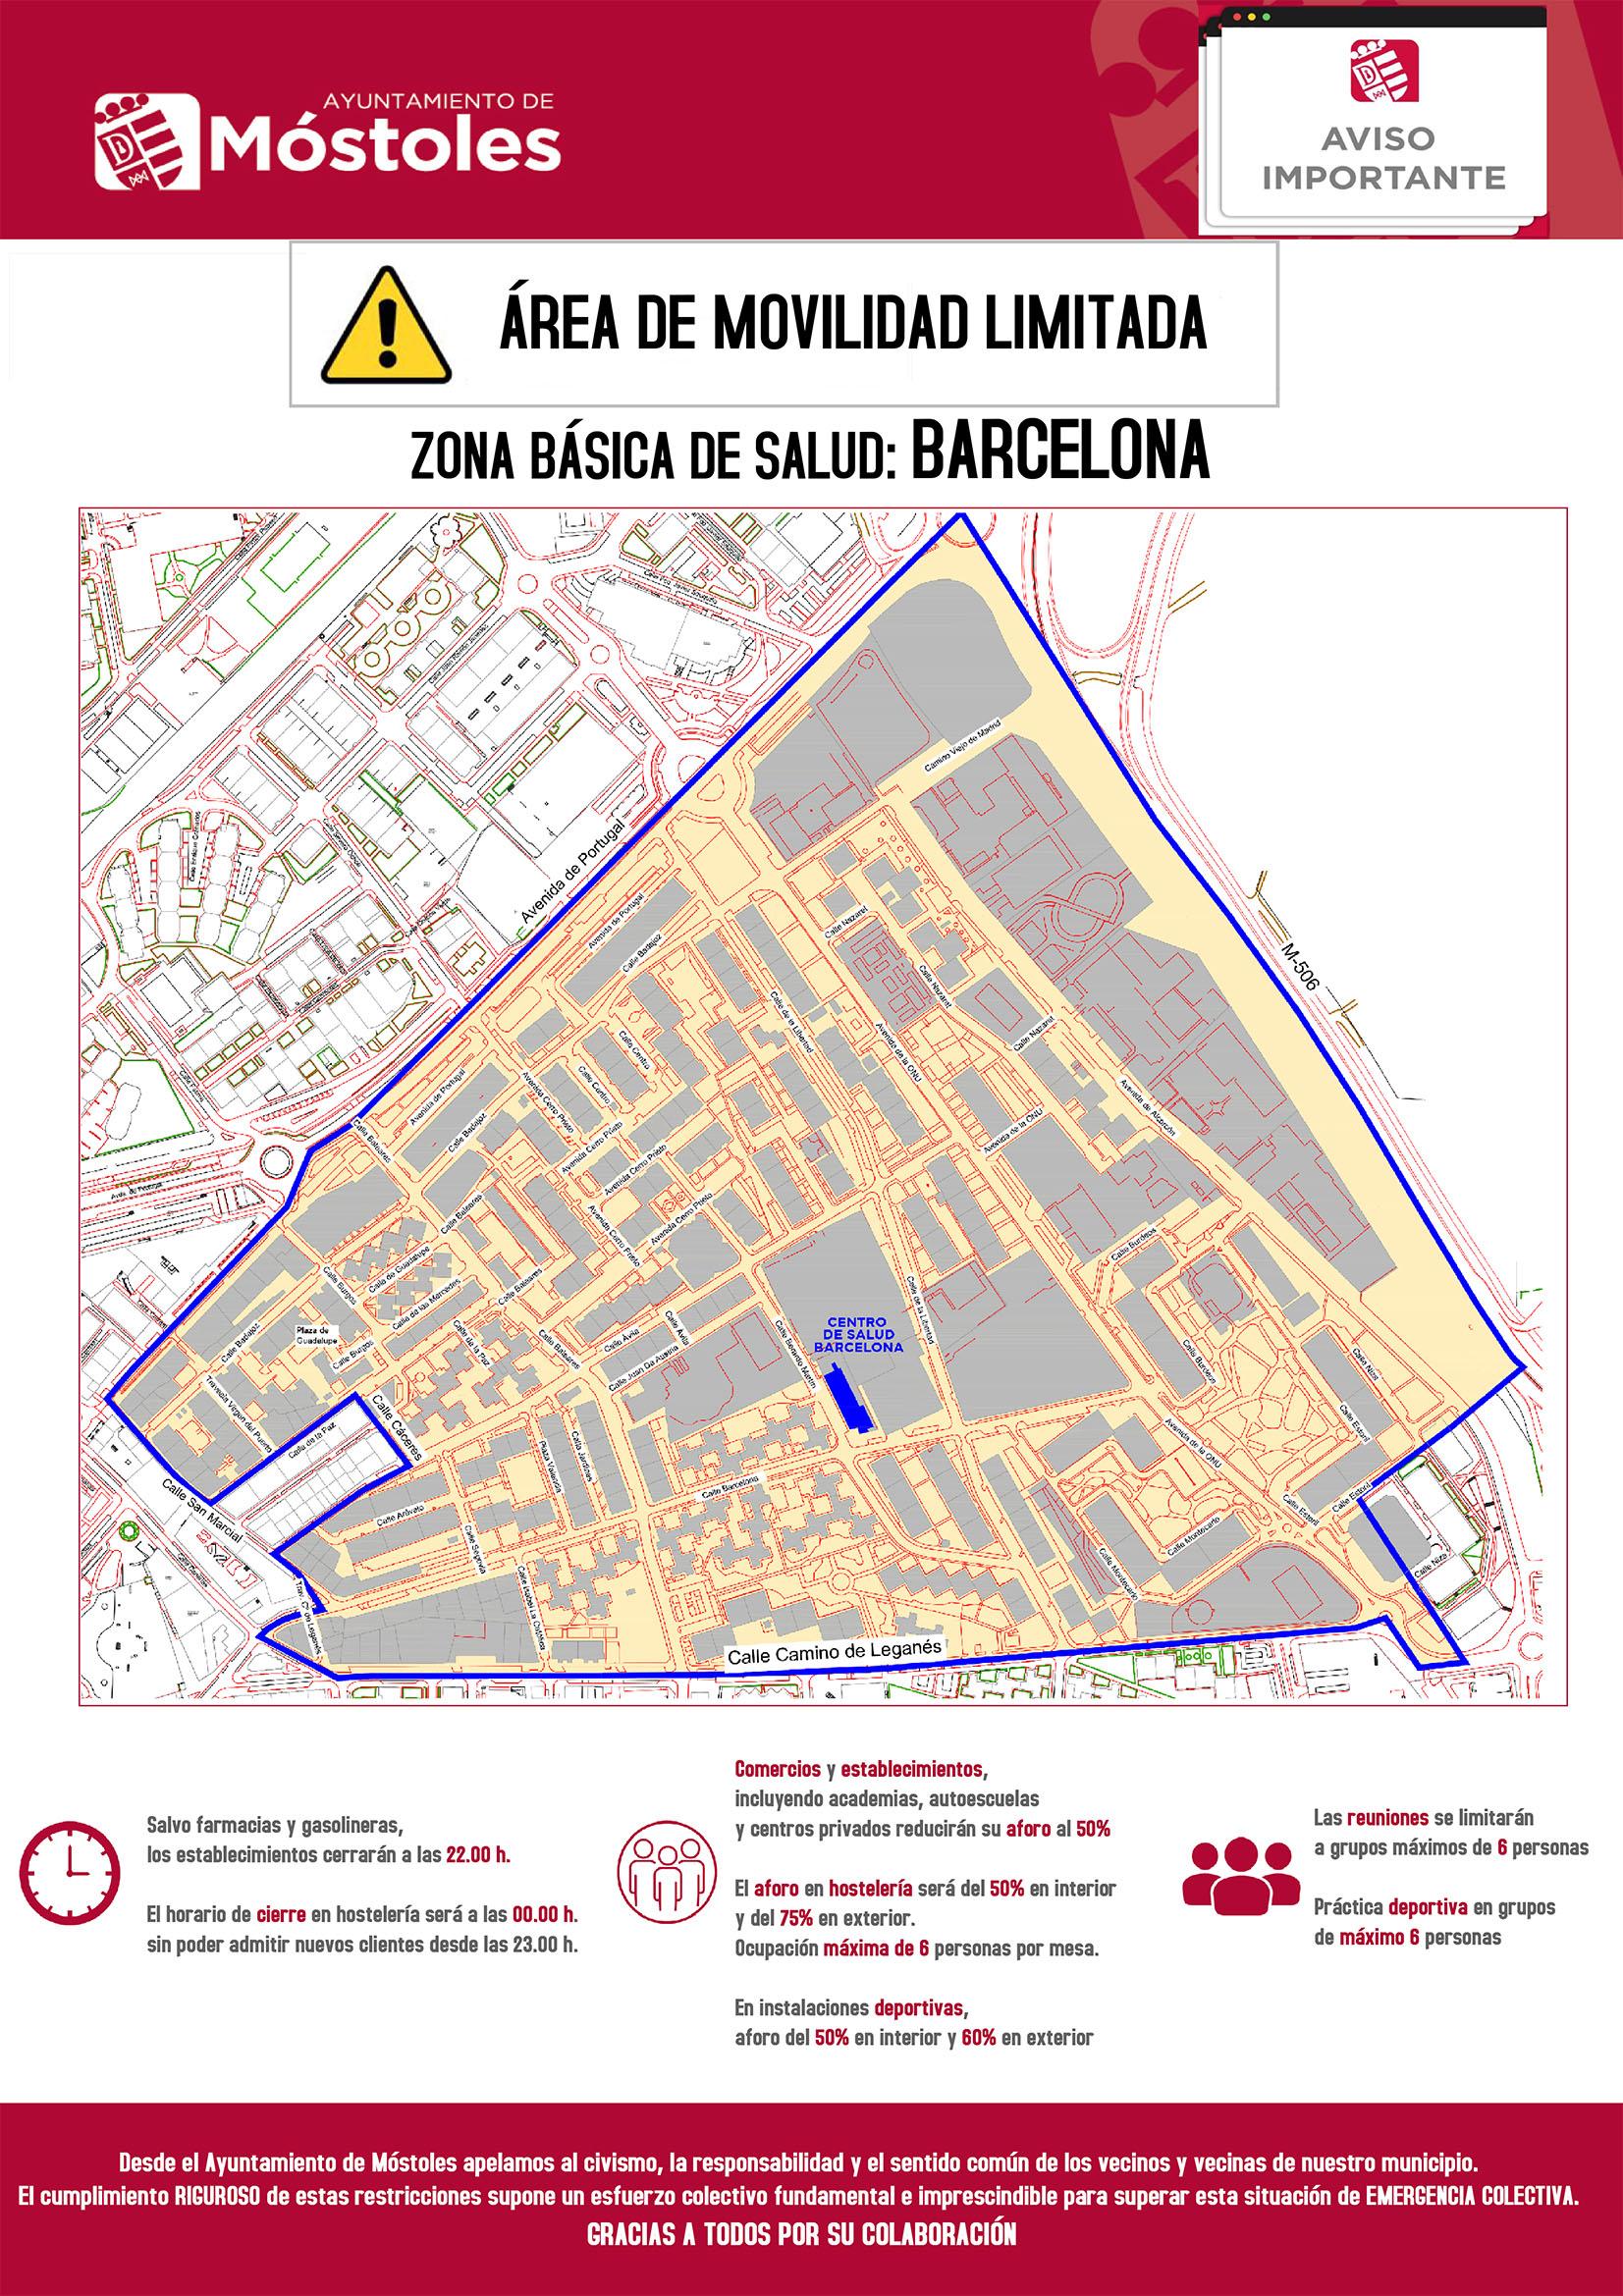 Texto Alternativo: El Gobierno de Móstoles apela a la responsabilidad de todos ante el confinamiento del área básica de salud de la calle Barcelona